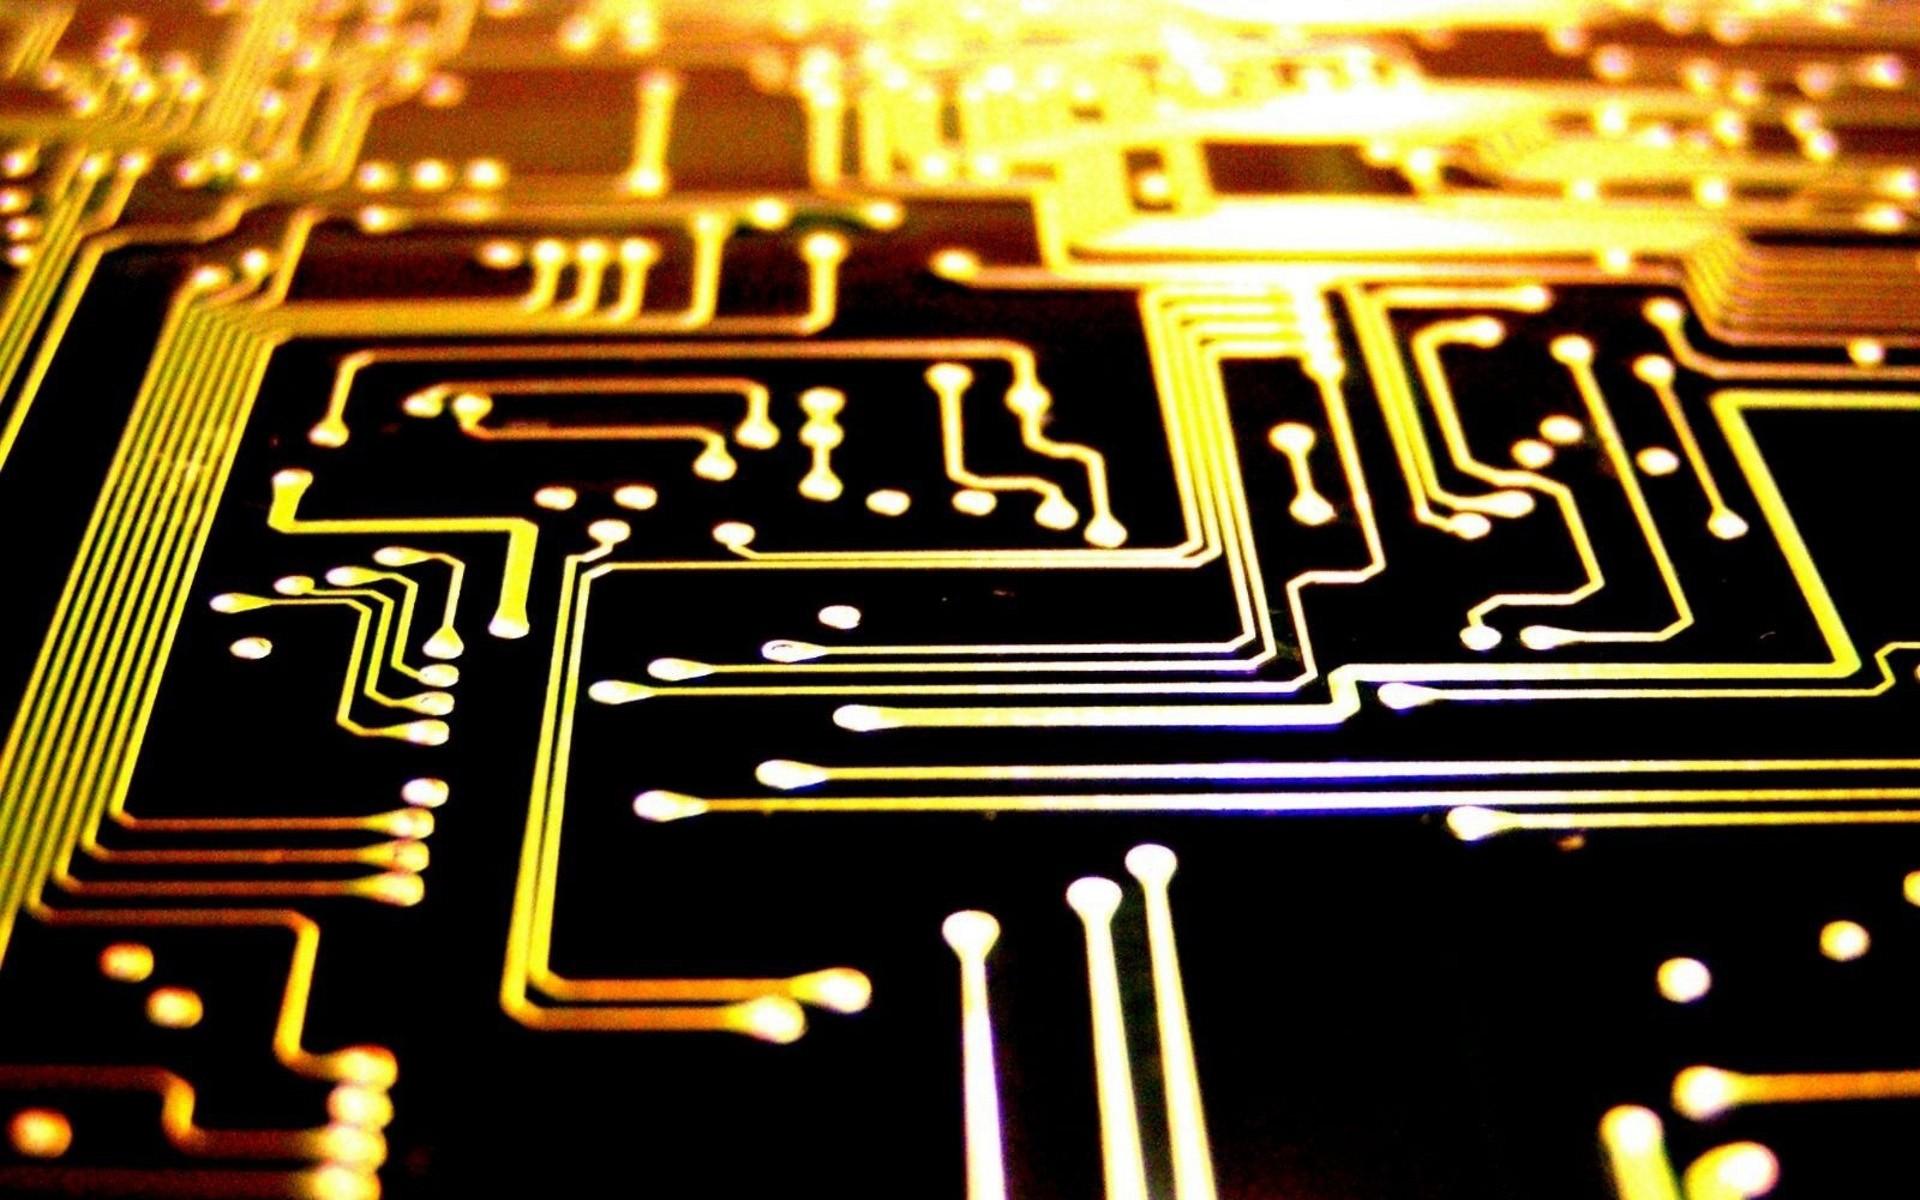 Electrnica Y Circuitos El Multimetro Digital Su Testing Circuit With Multimeter Stock Image 20315121 Portada10